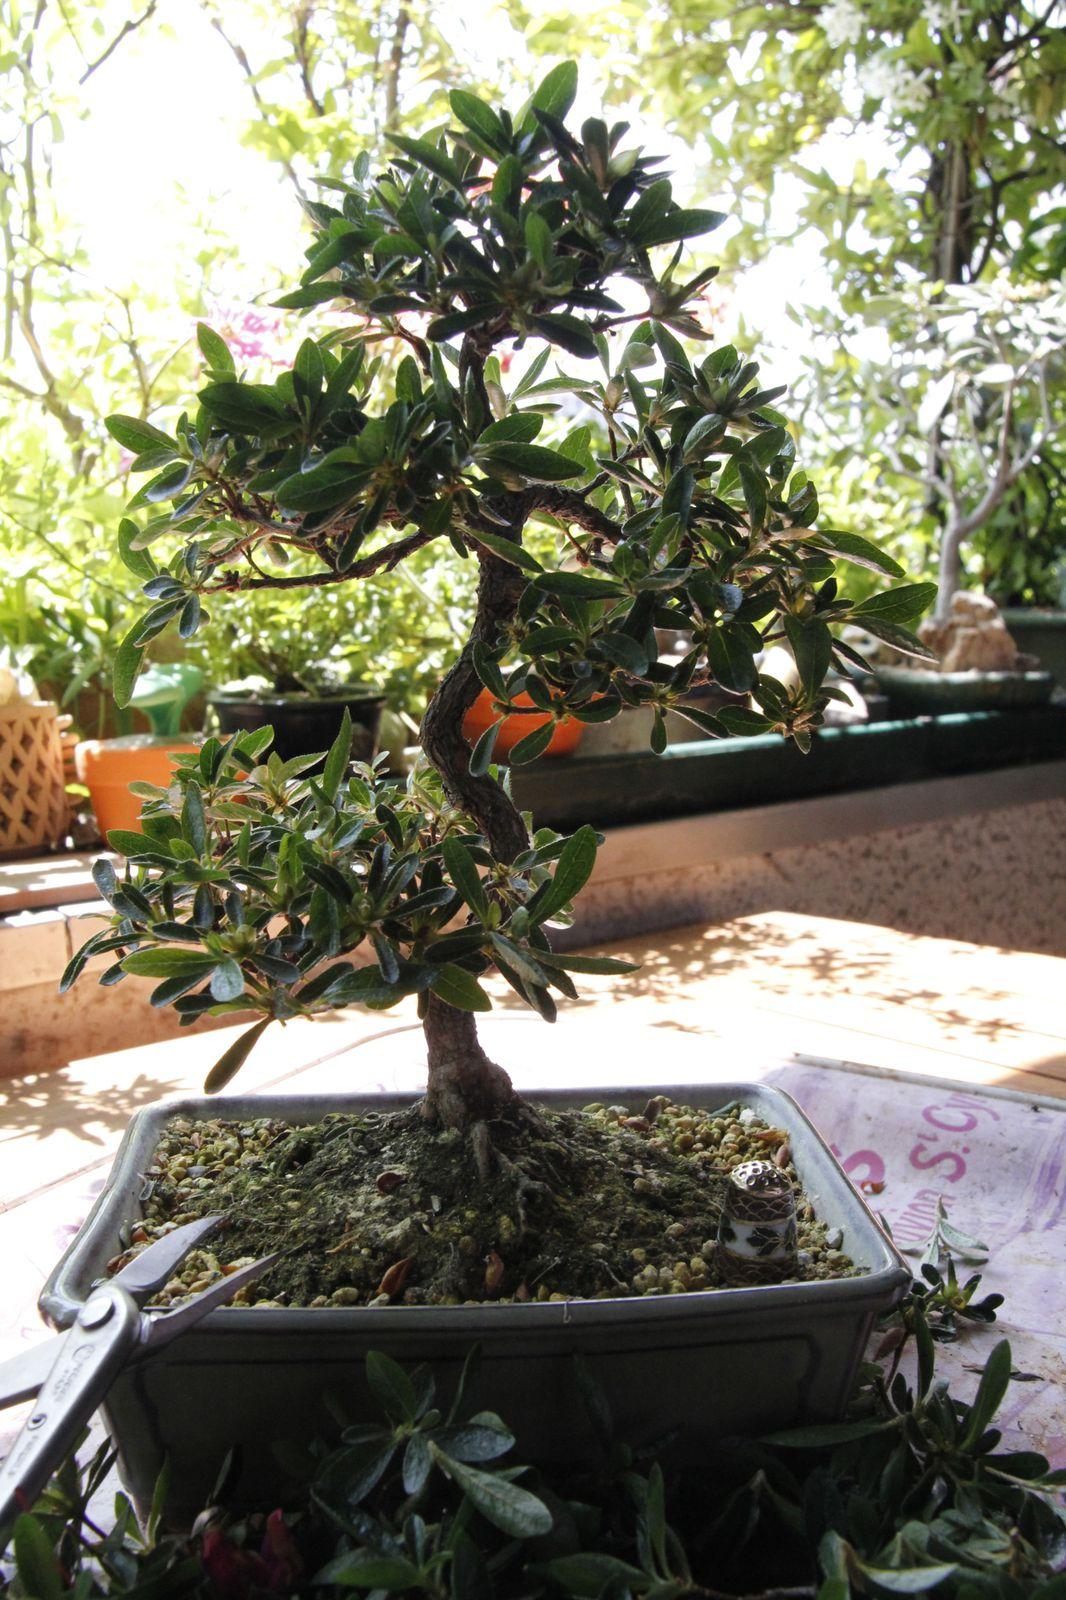 Satsuki apr s la floraison bonsa et r ve de pierre - Tailler orchidee apres floraison ...